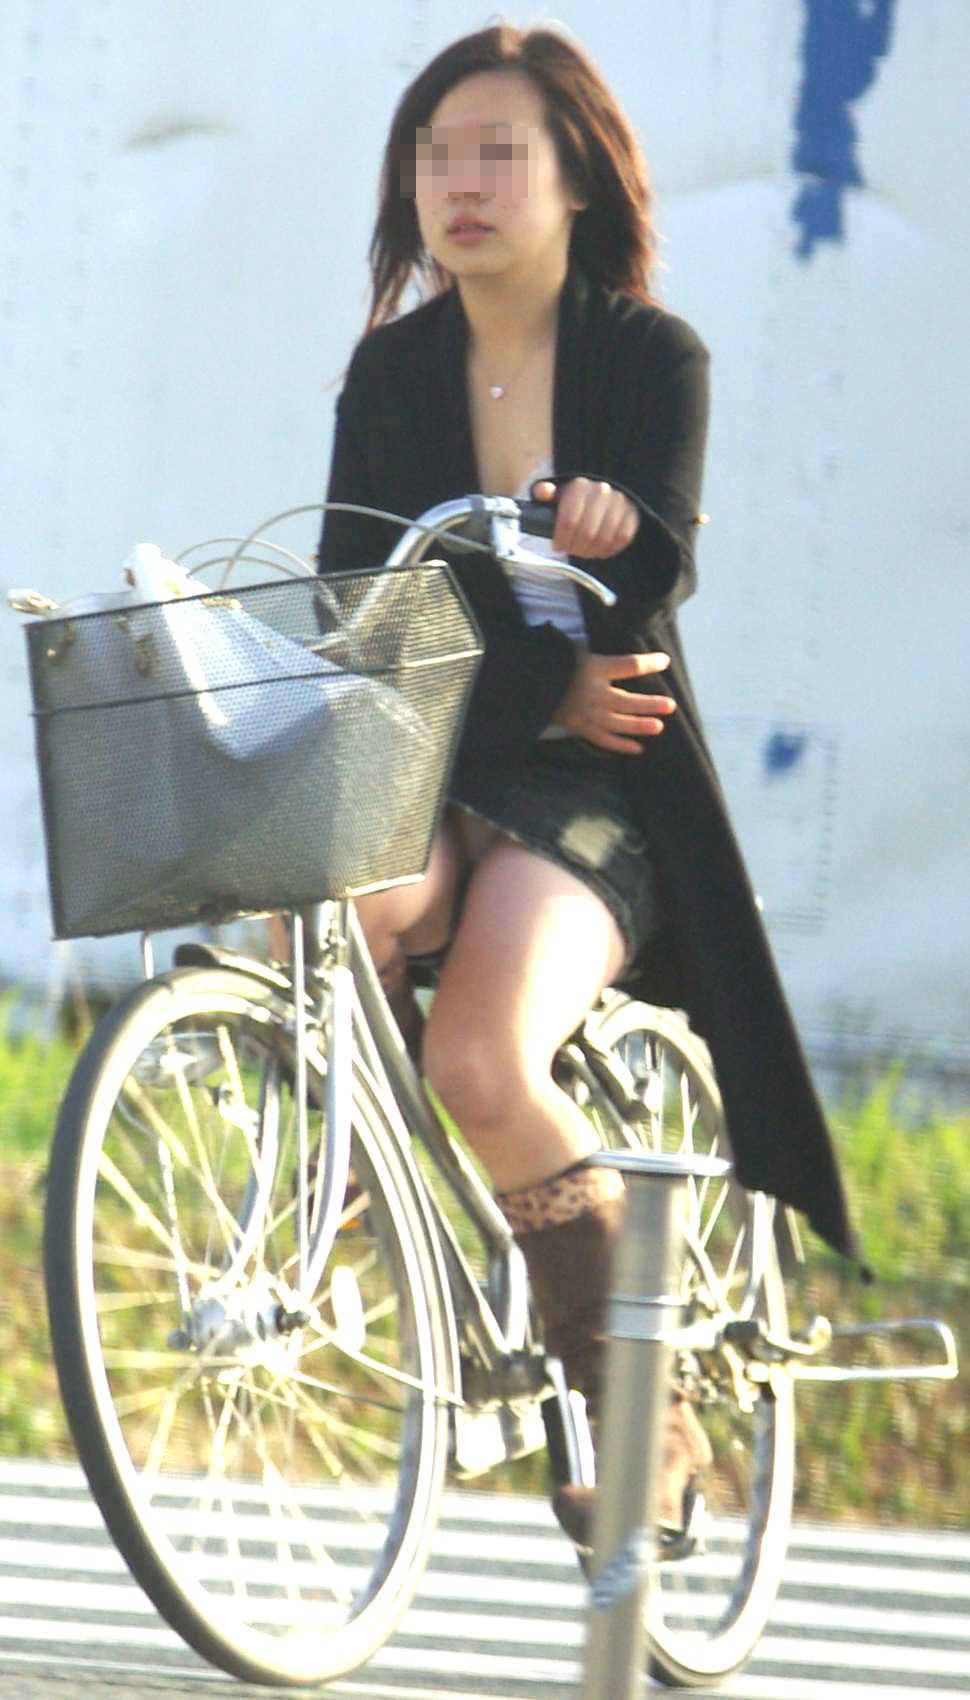 自転車に乗るお姉さんの動くまんこに馴染んだパンチラ画像 428